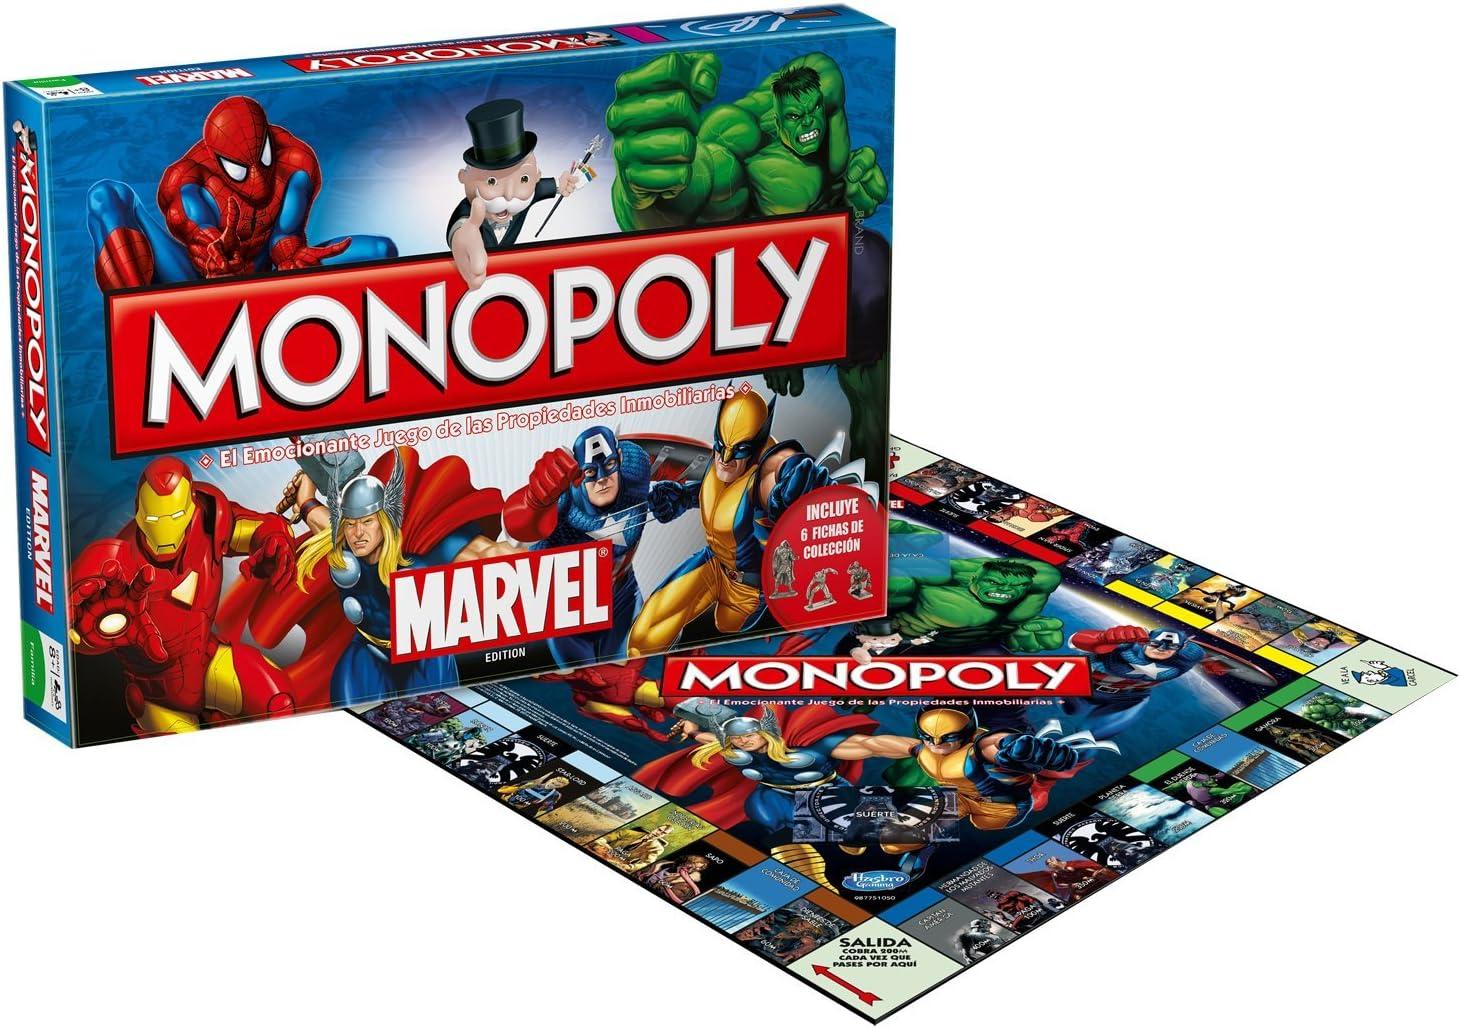 Marvel Eleven Force 82202 - Monopoly Universe: Amazon.es: Juguetes y juegos